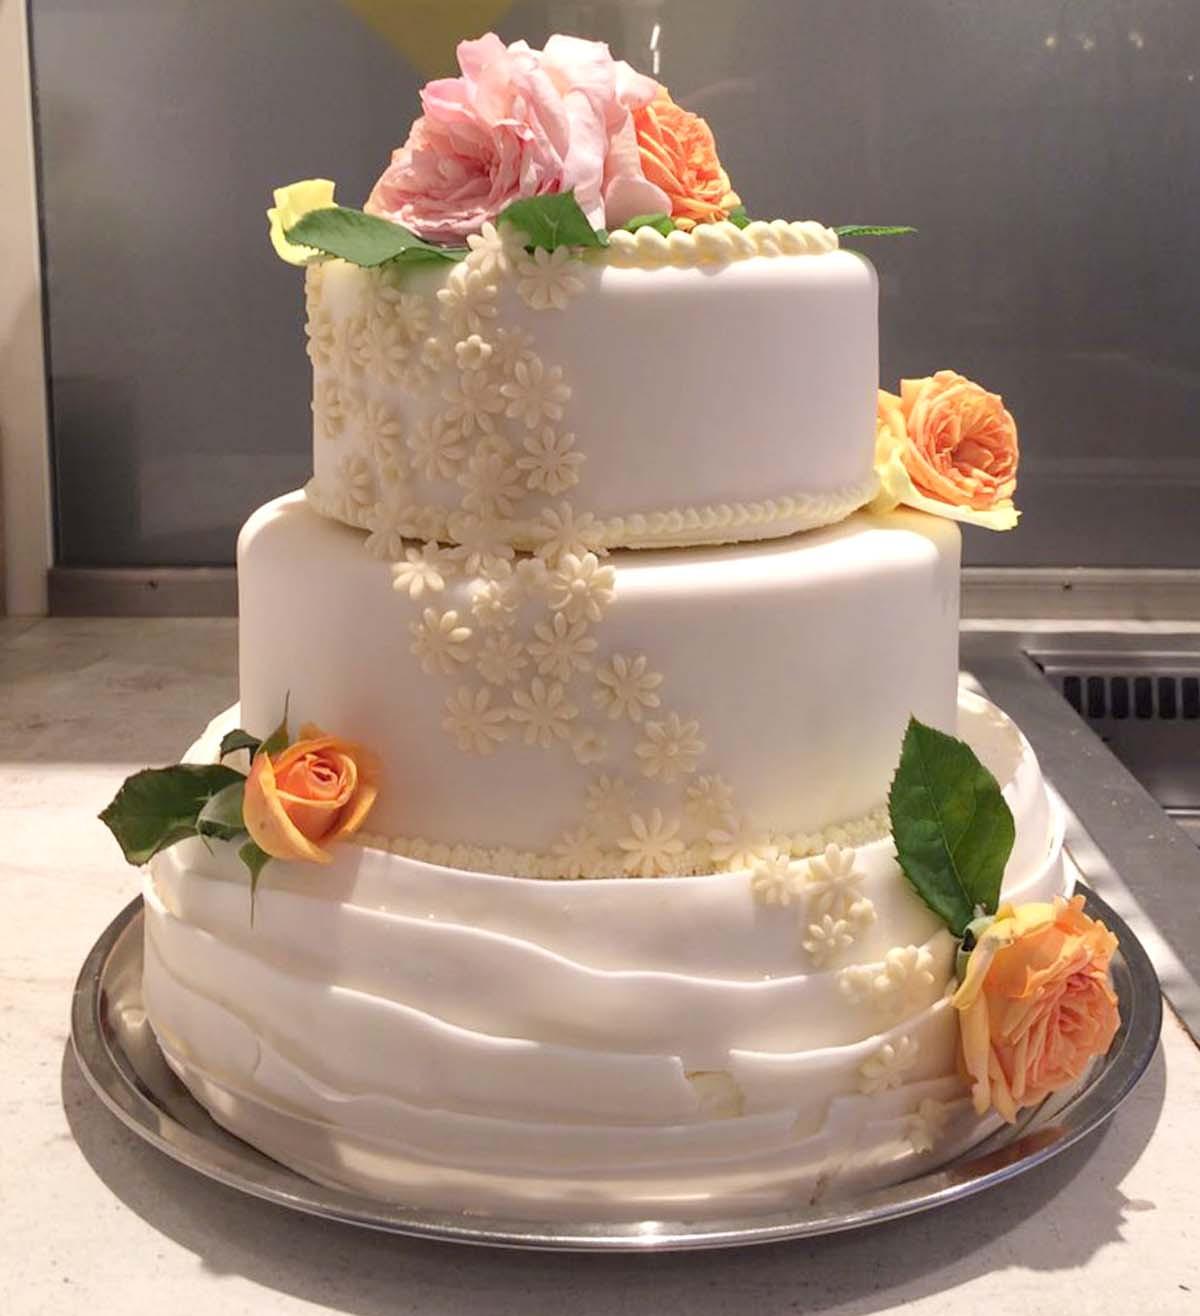 Hochzeitstorte Mit Rosen  Hochzeitstorte mit echten Rosen › Bäckerei & Konditorei